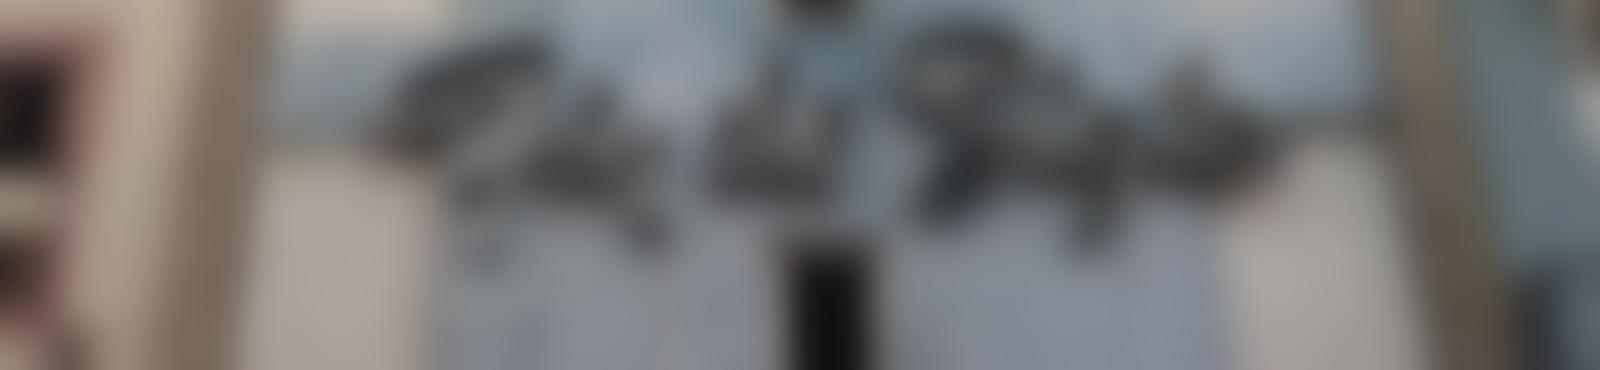 Blurred 7e51bc7f 1375 48f6 b18e f51cc9a63965